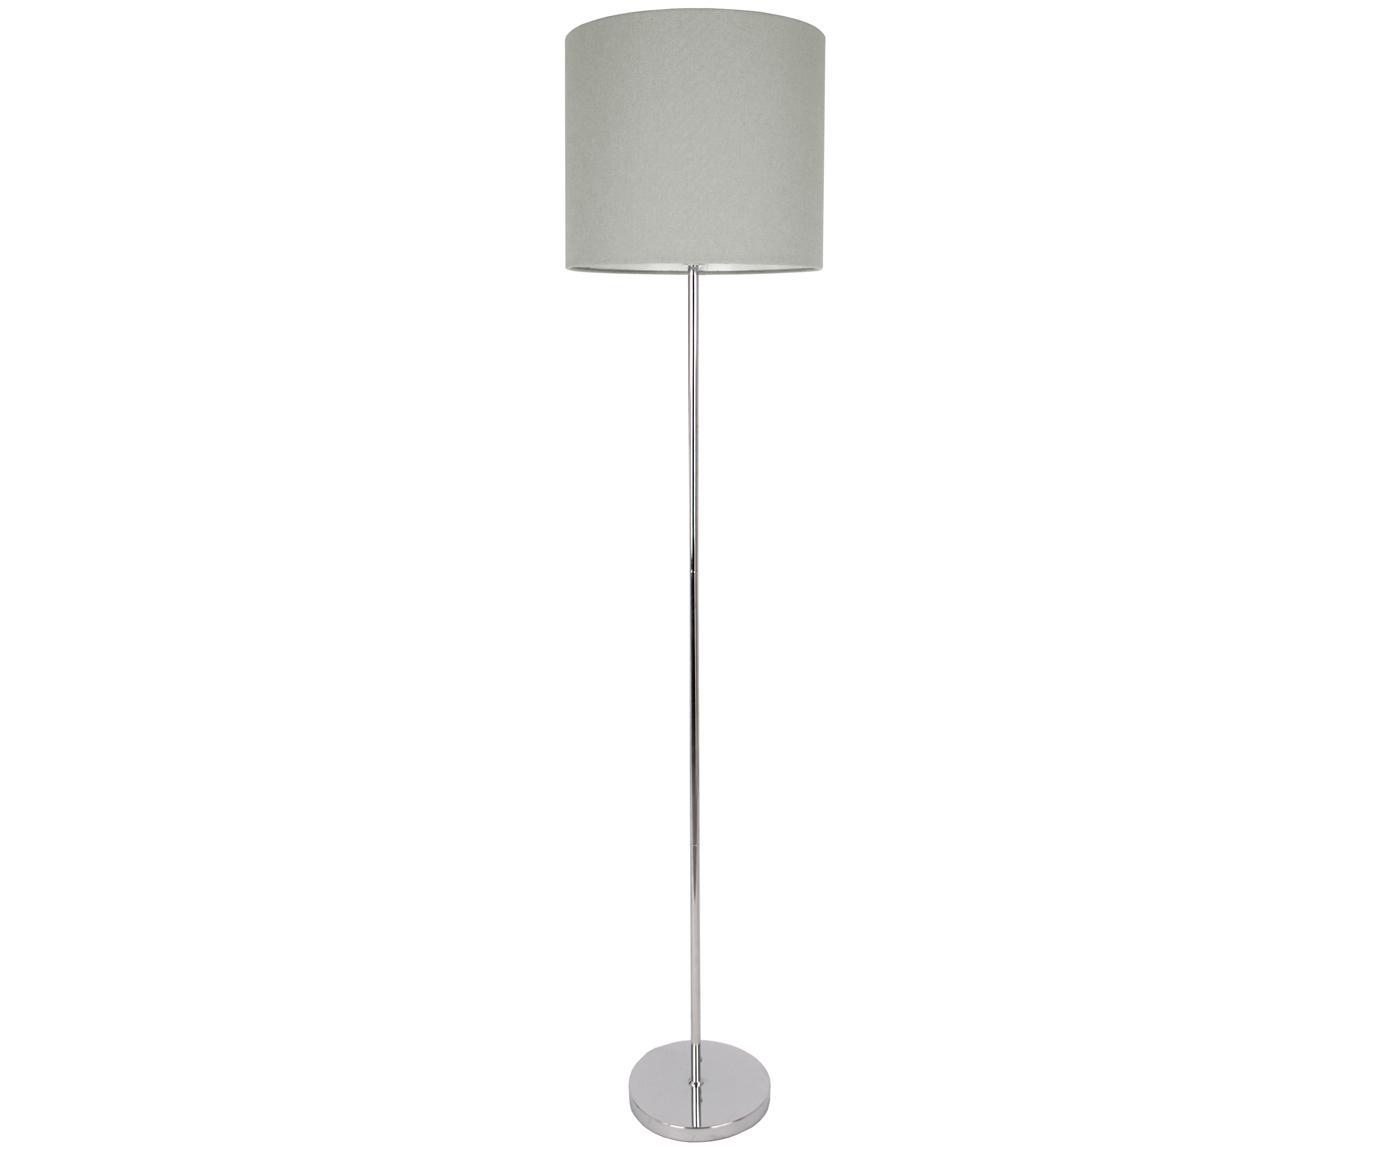 Lampadaire en métal chromé Dita, Pied de lampe: chrome Abat-jour: gris Câble: noir